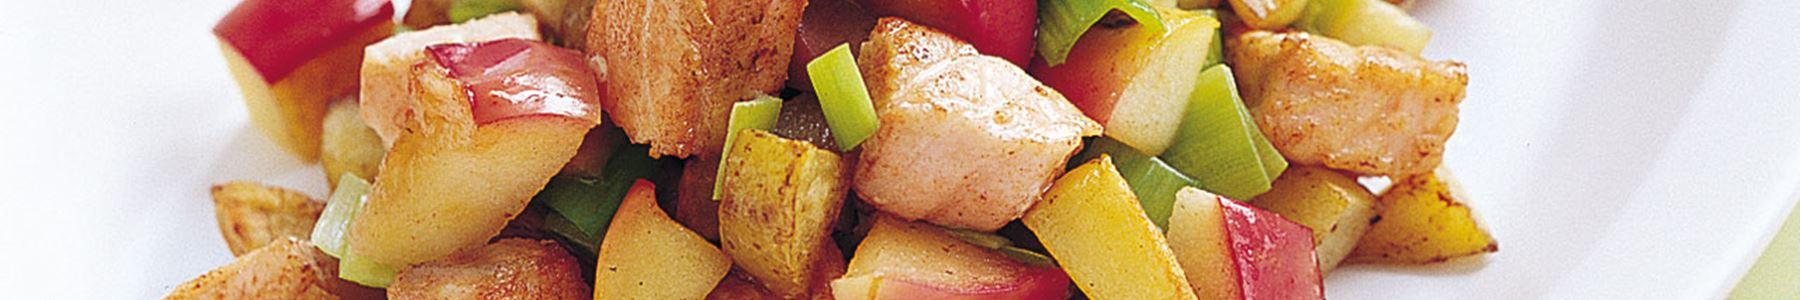 Äpple + Potatis + Curry